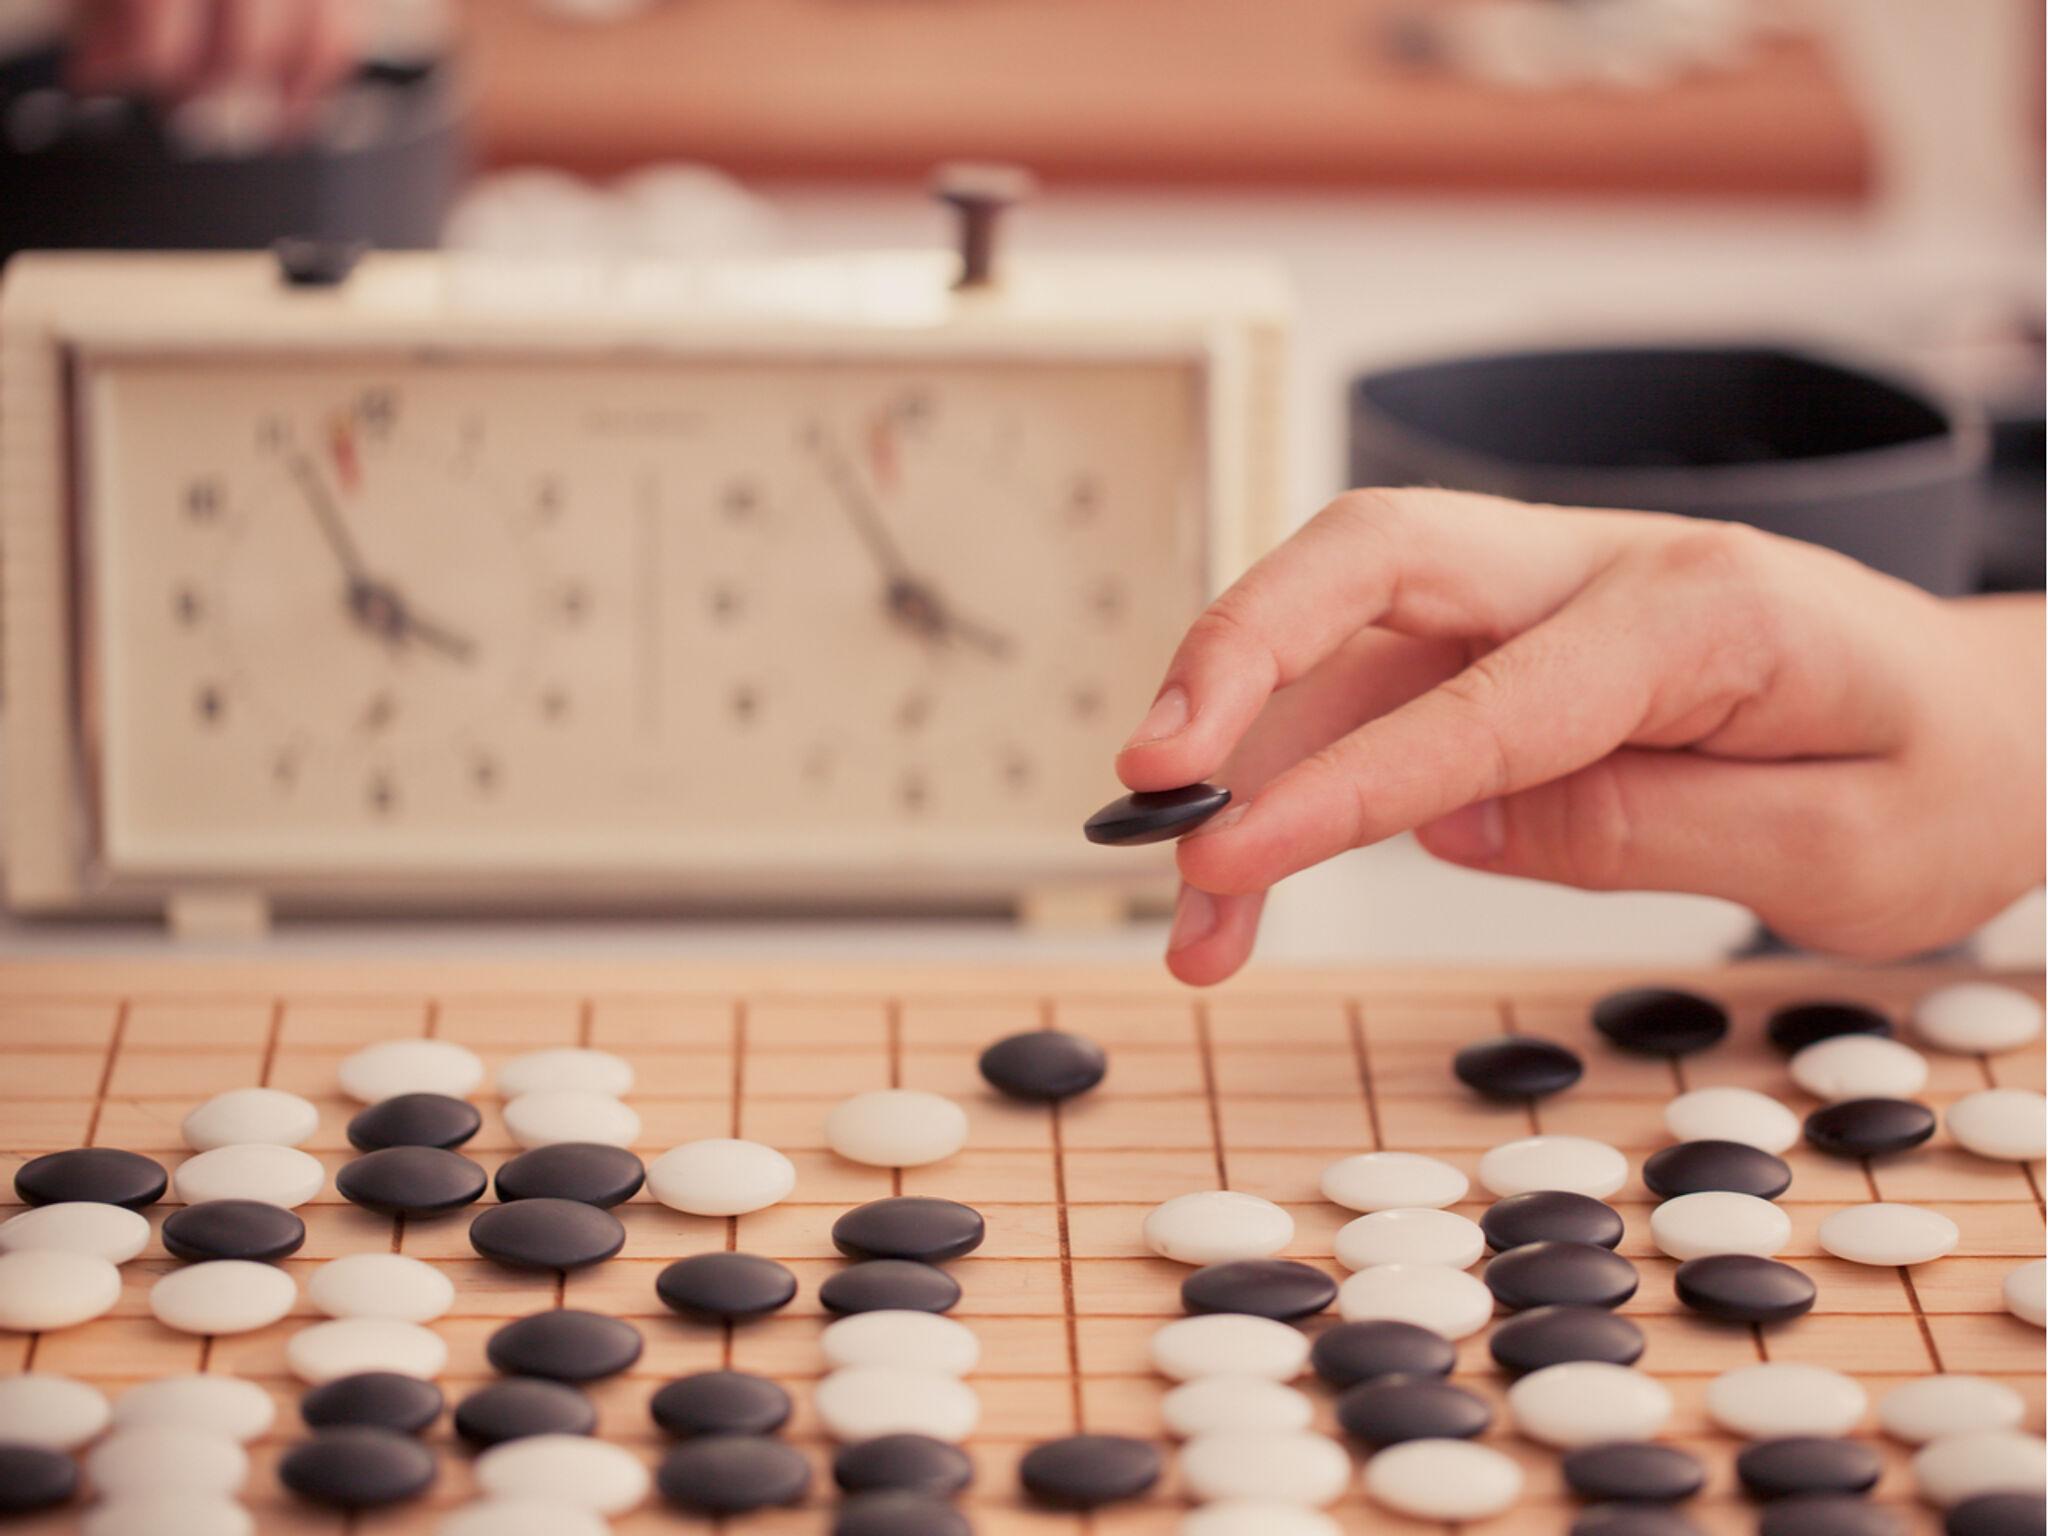 将棋をさす手と時計がうつっている画像